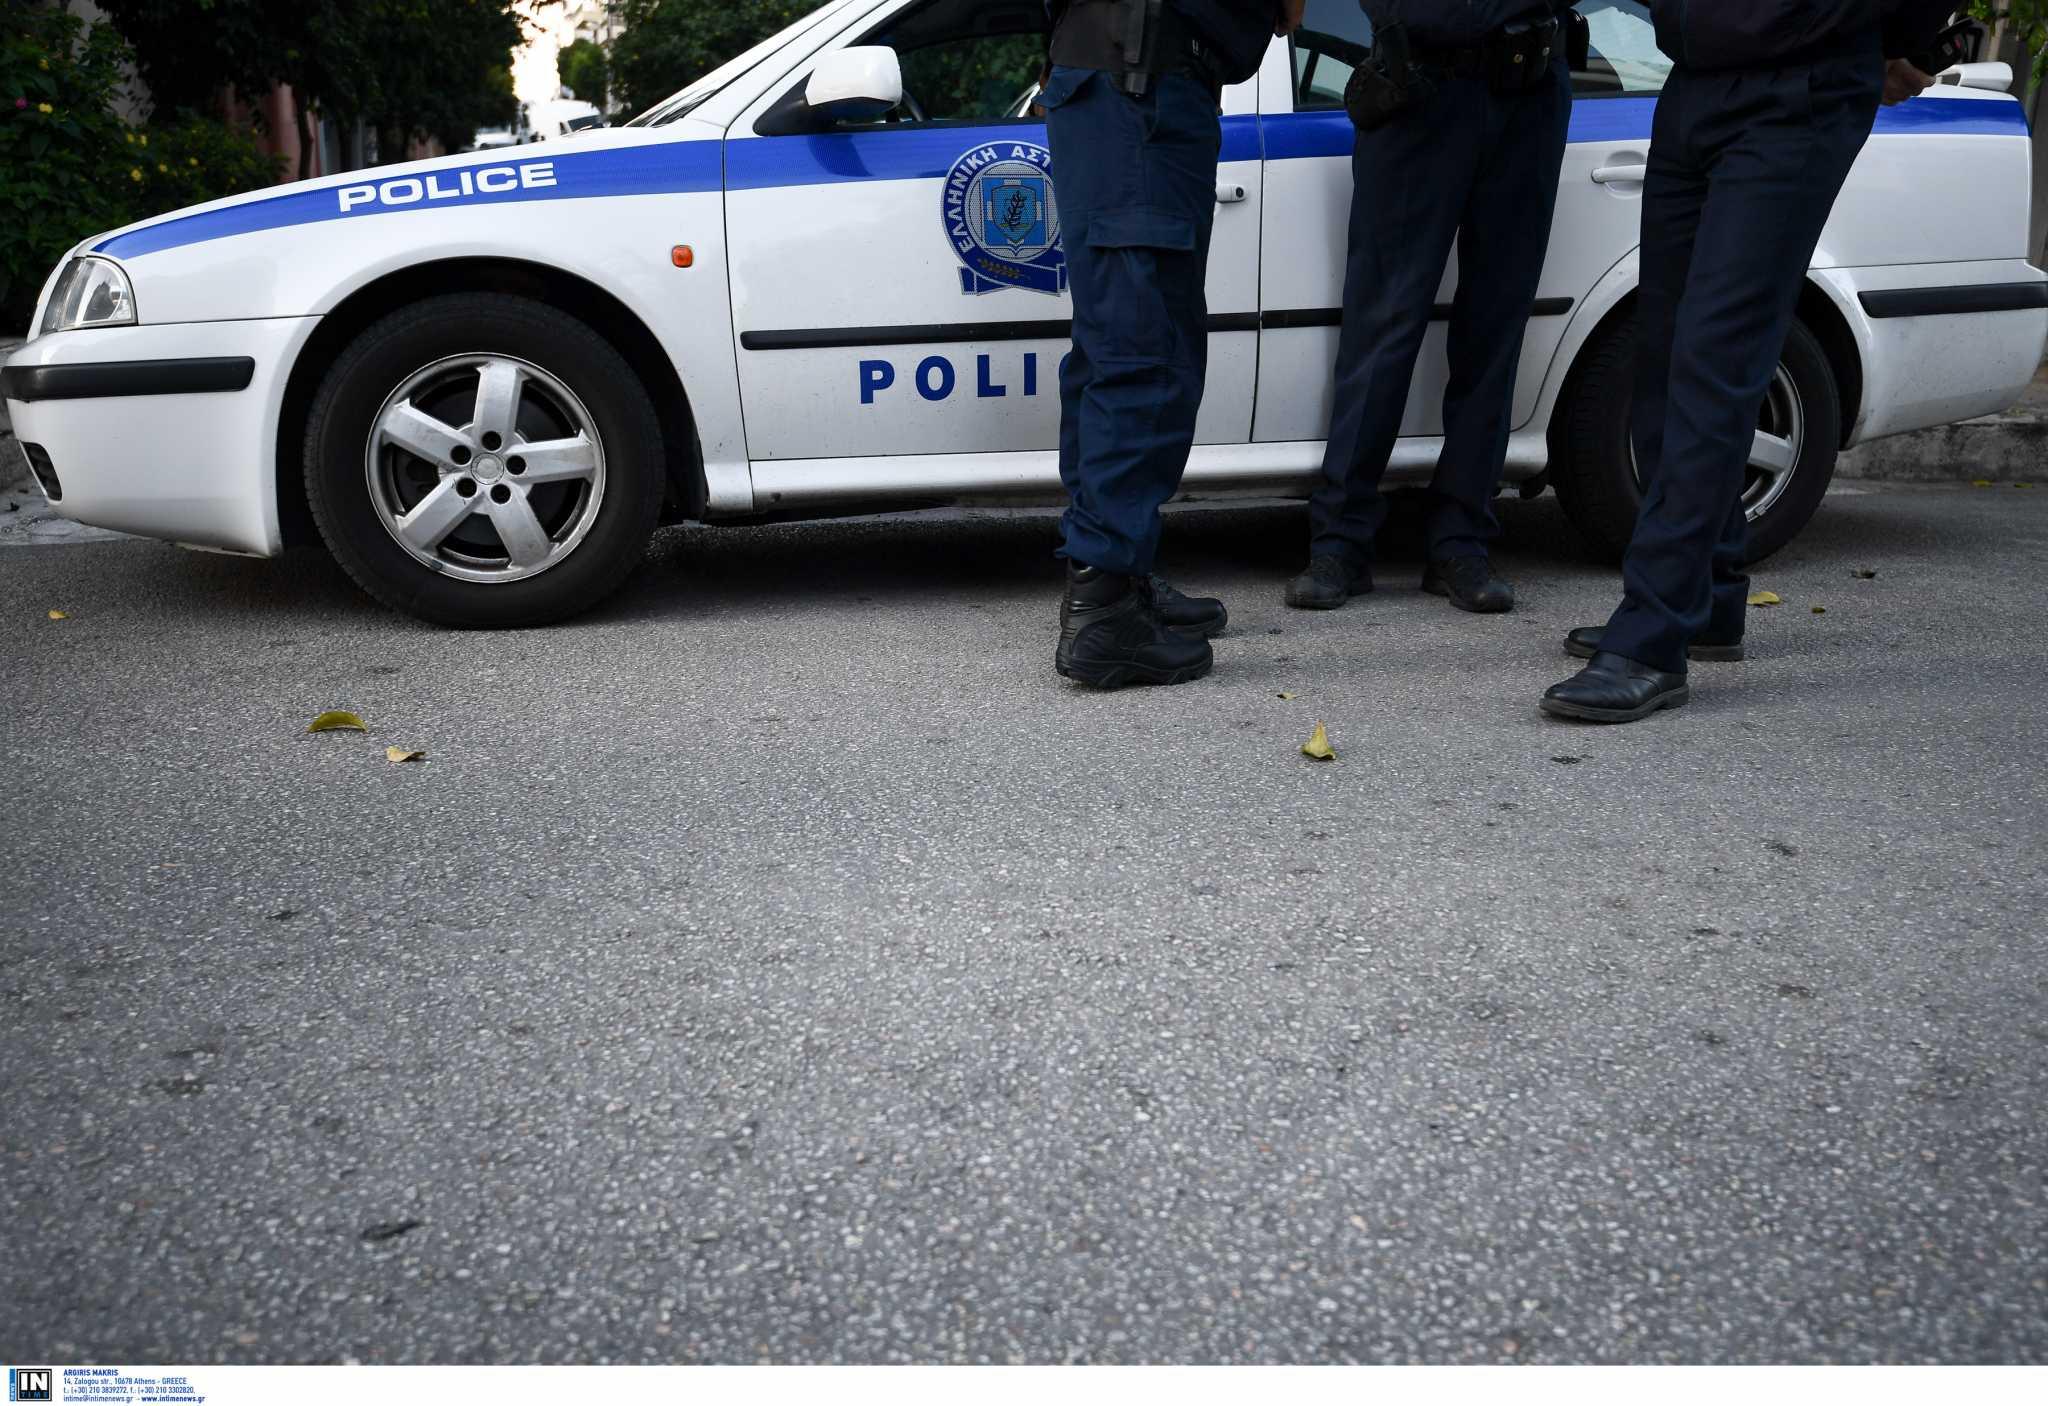 Αργος: Νεαροί παρενοχλούσαν την κόρη και ξυλοκόπησαν τον πατέρα της